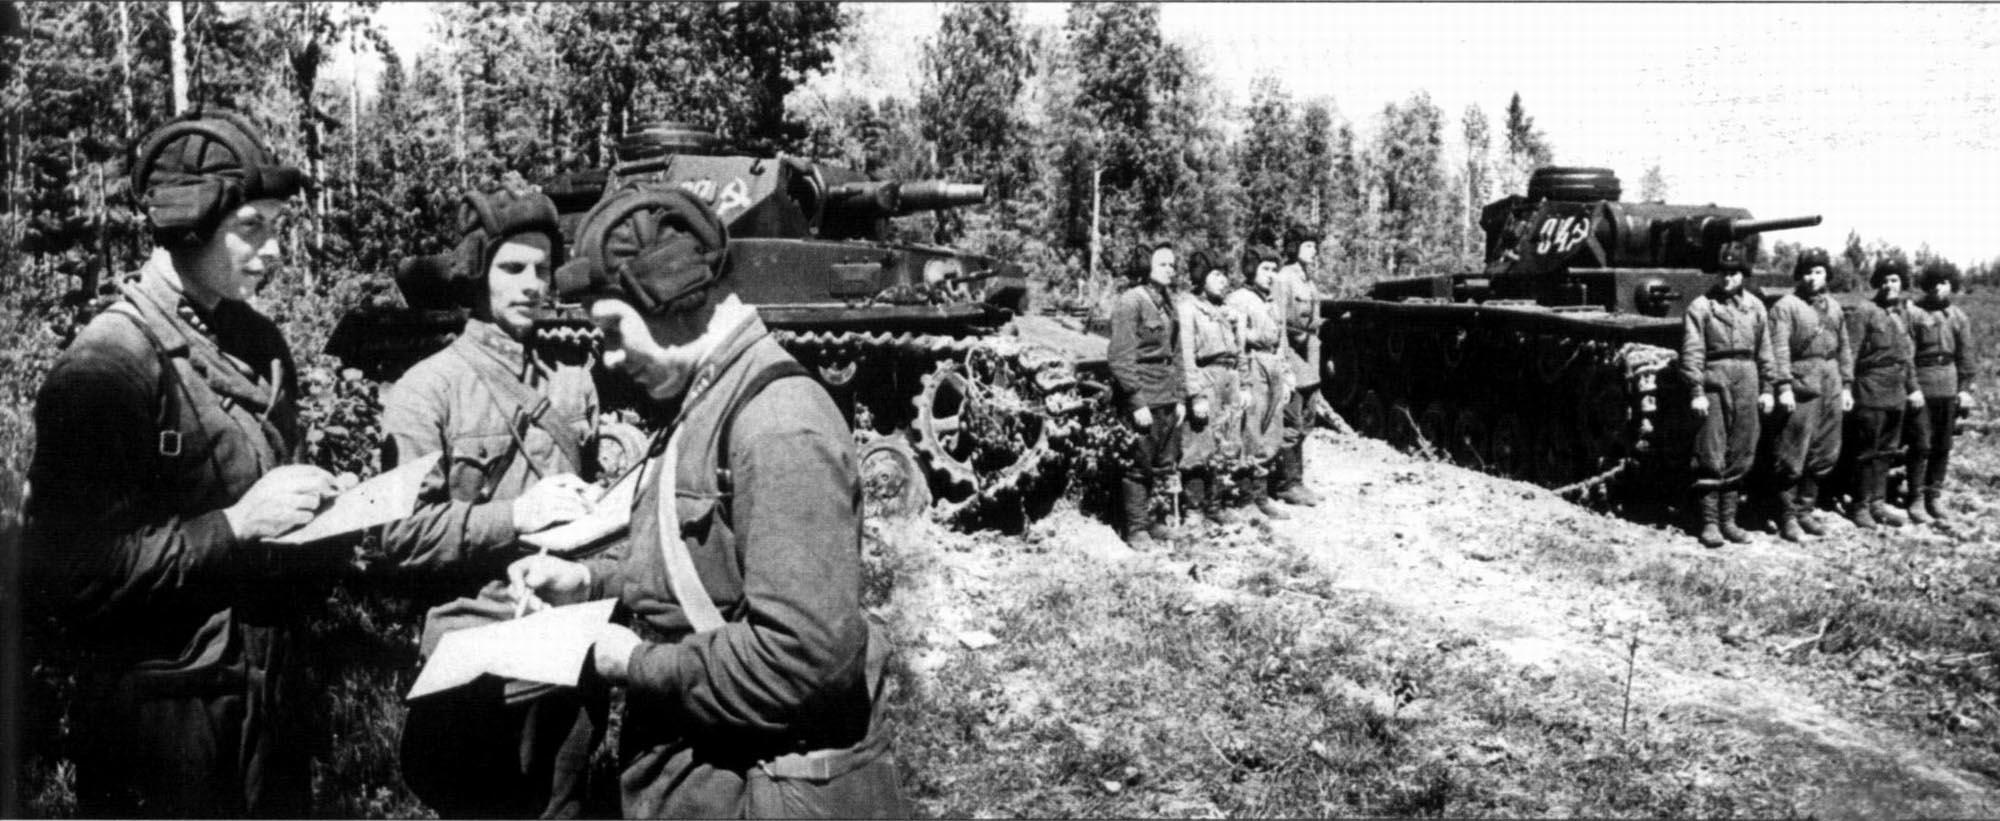 Секс в 2ой мировой войны фото 26 фотография